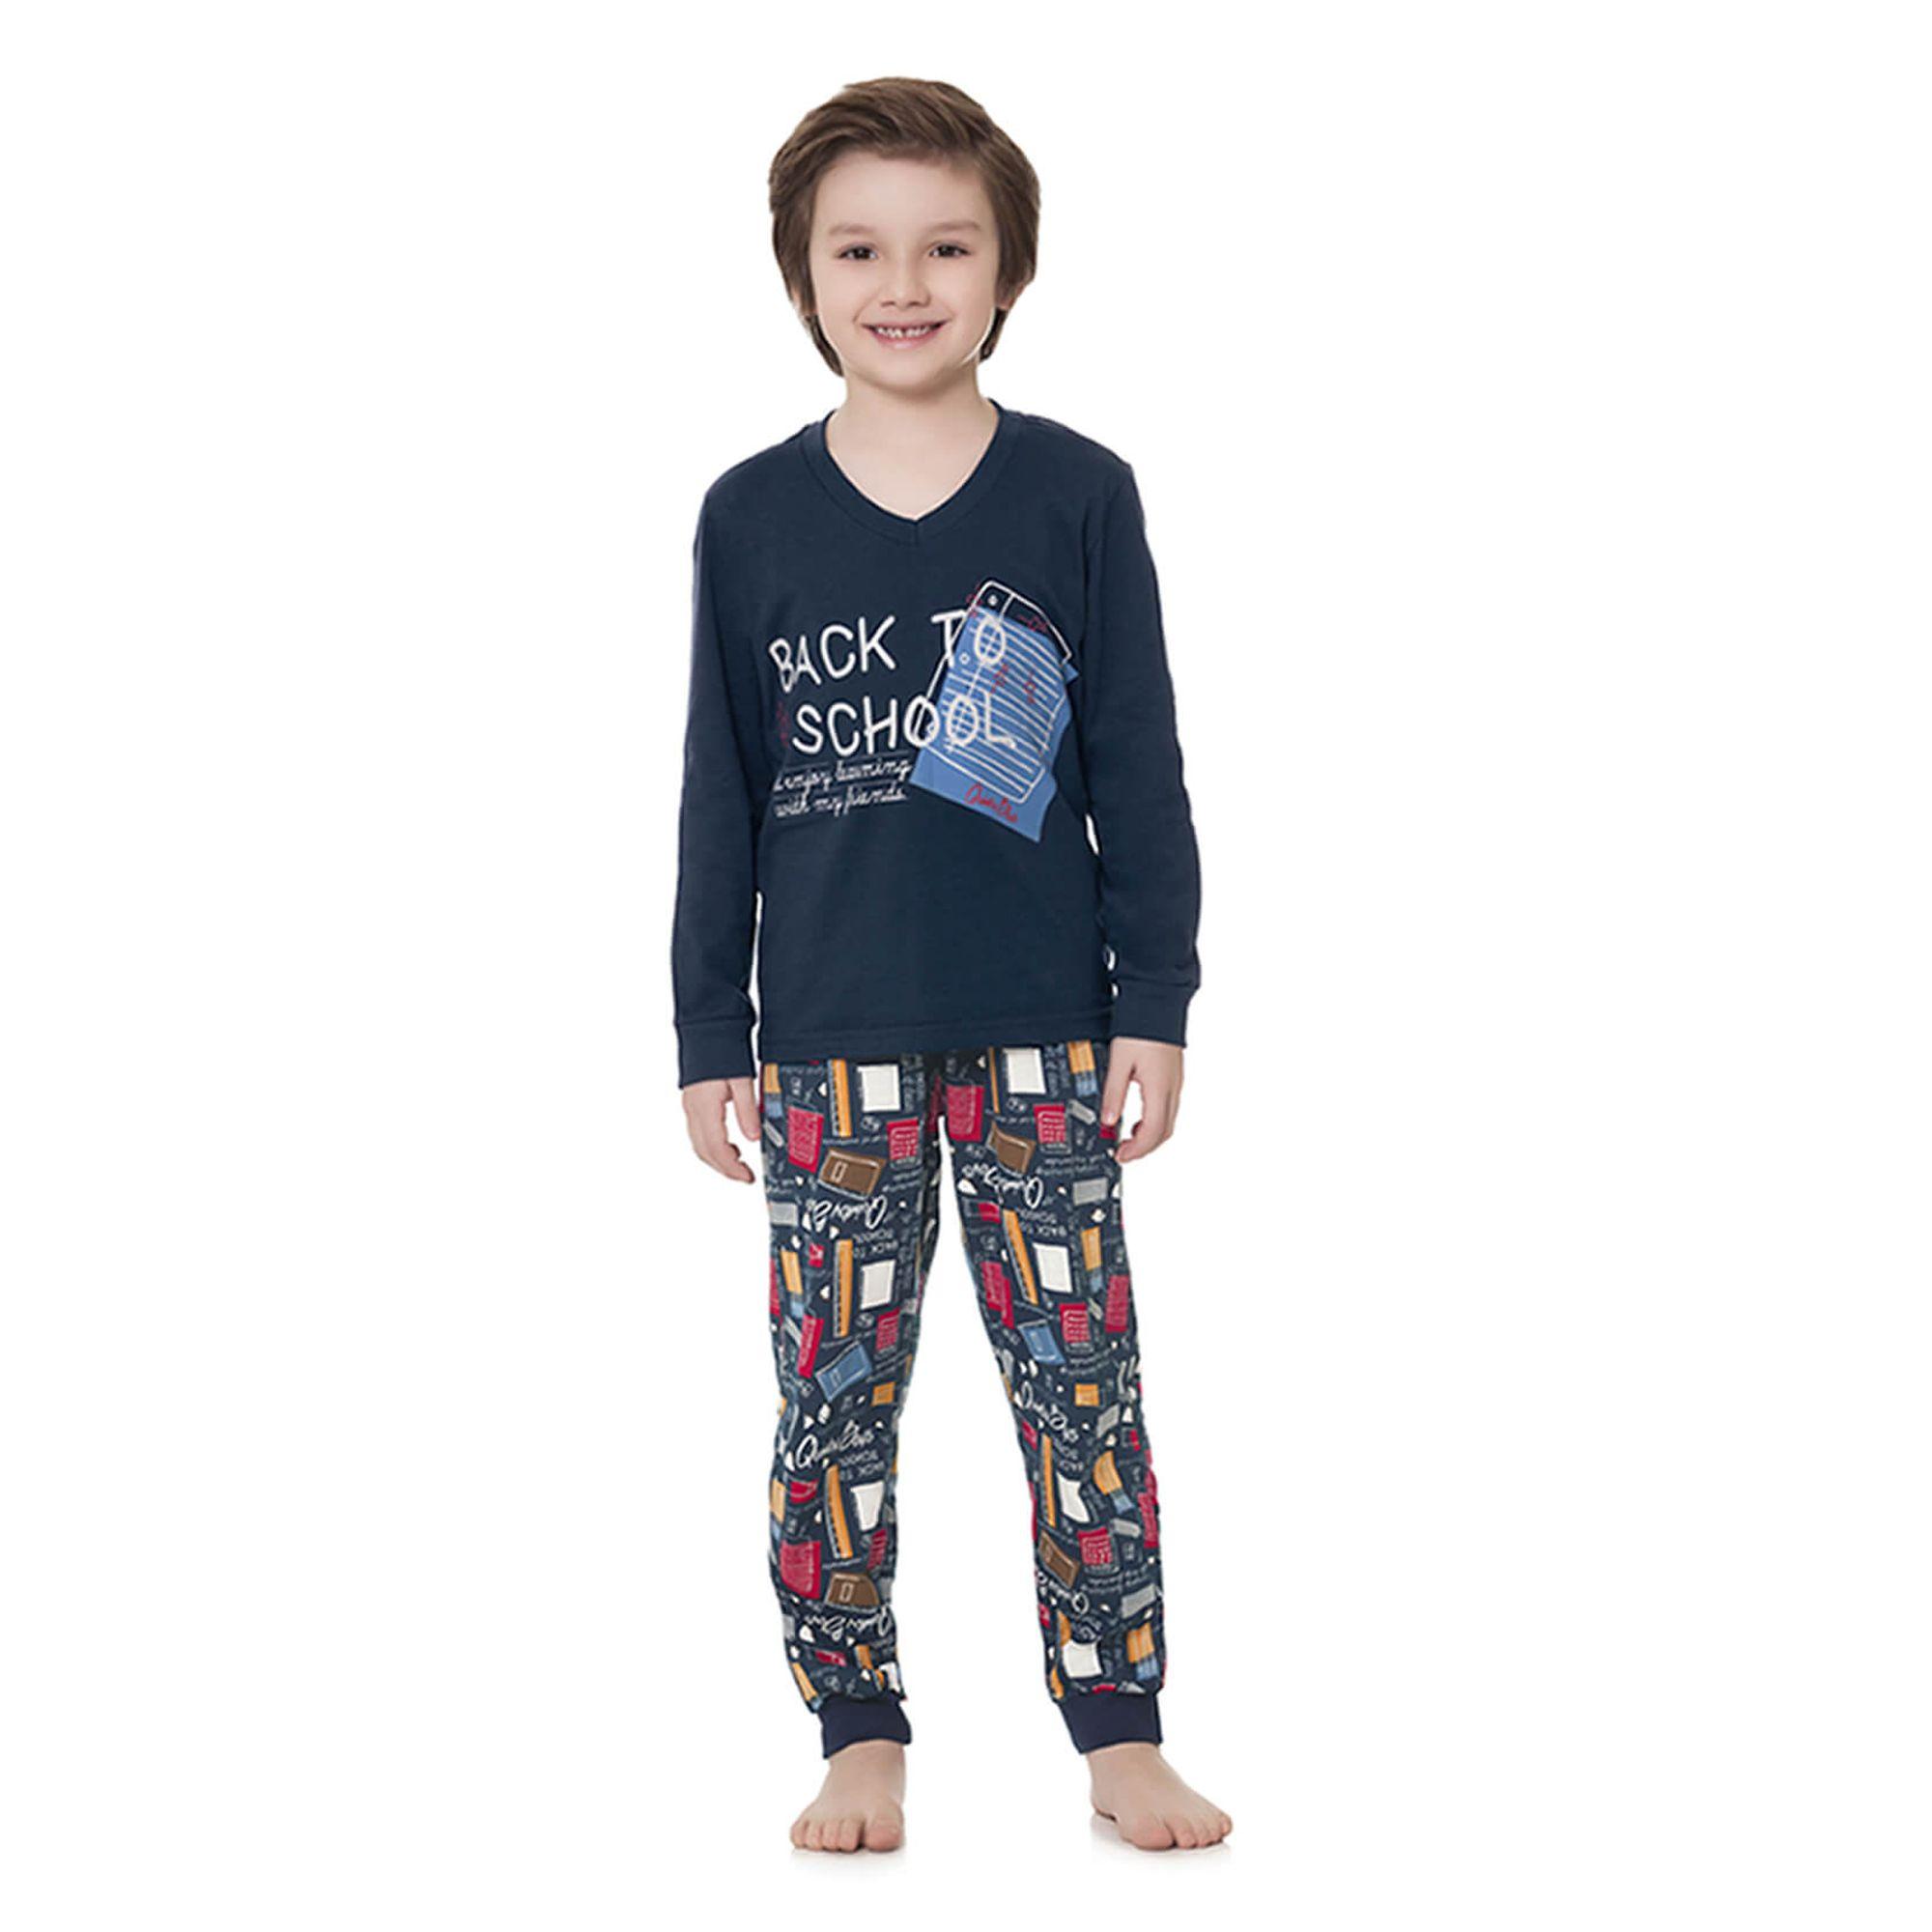 63767bd77 Pijama Infantil Manga Longa Marinho Back To School - Quimby - EcaMeleca